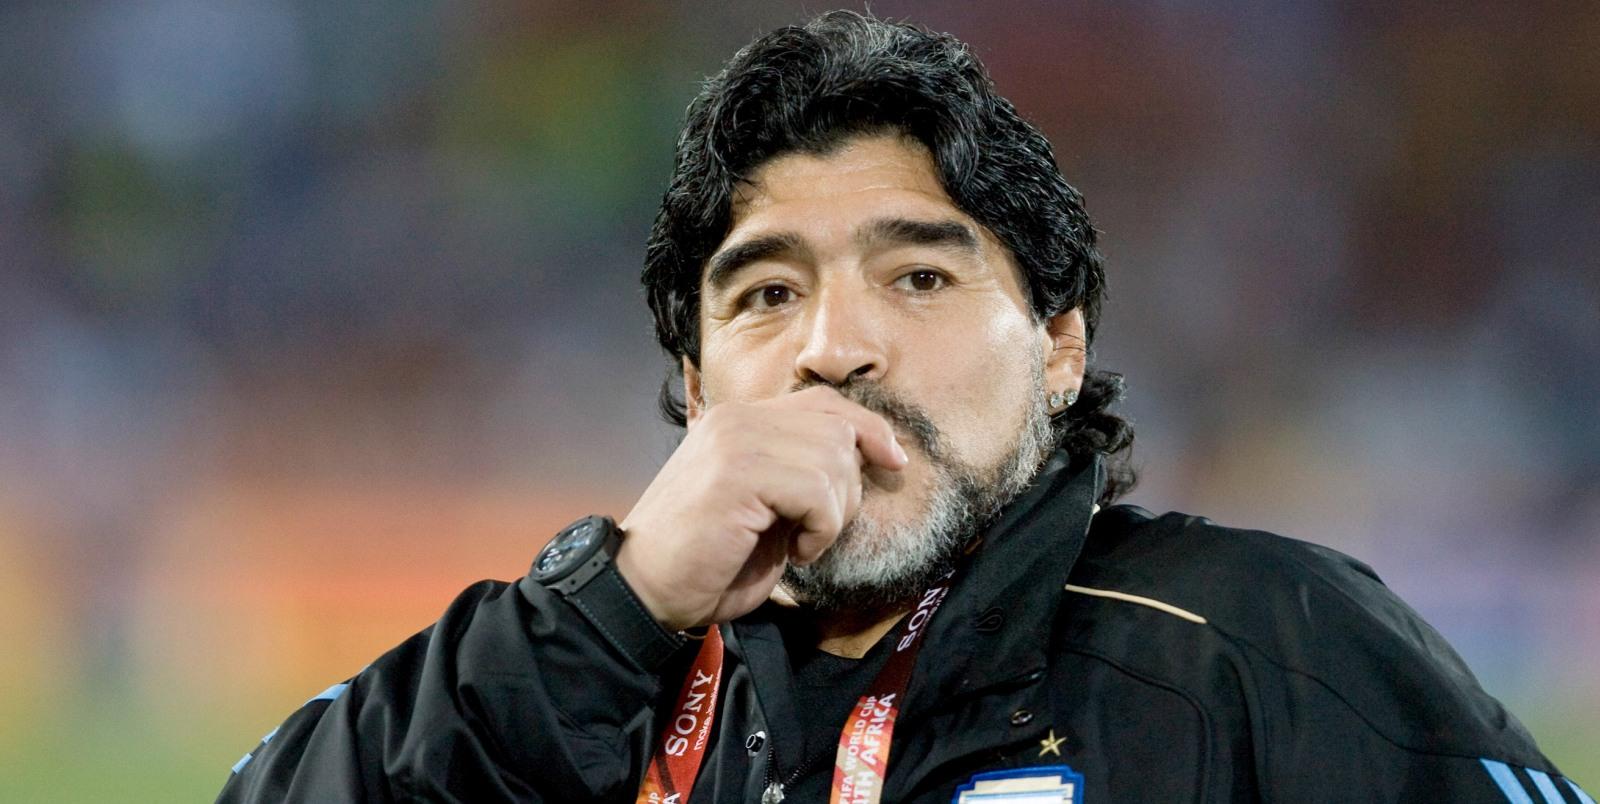 Maradona droomt van trainersrol bij FC Barcelona